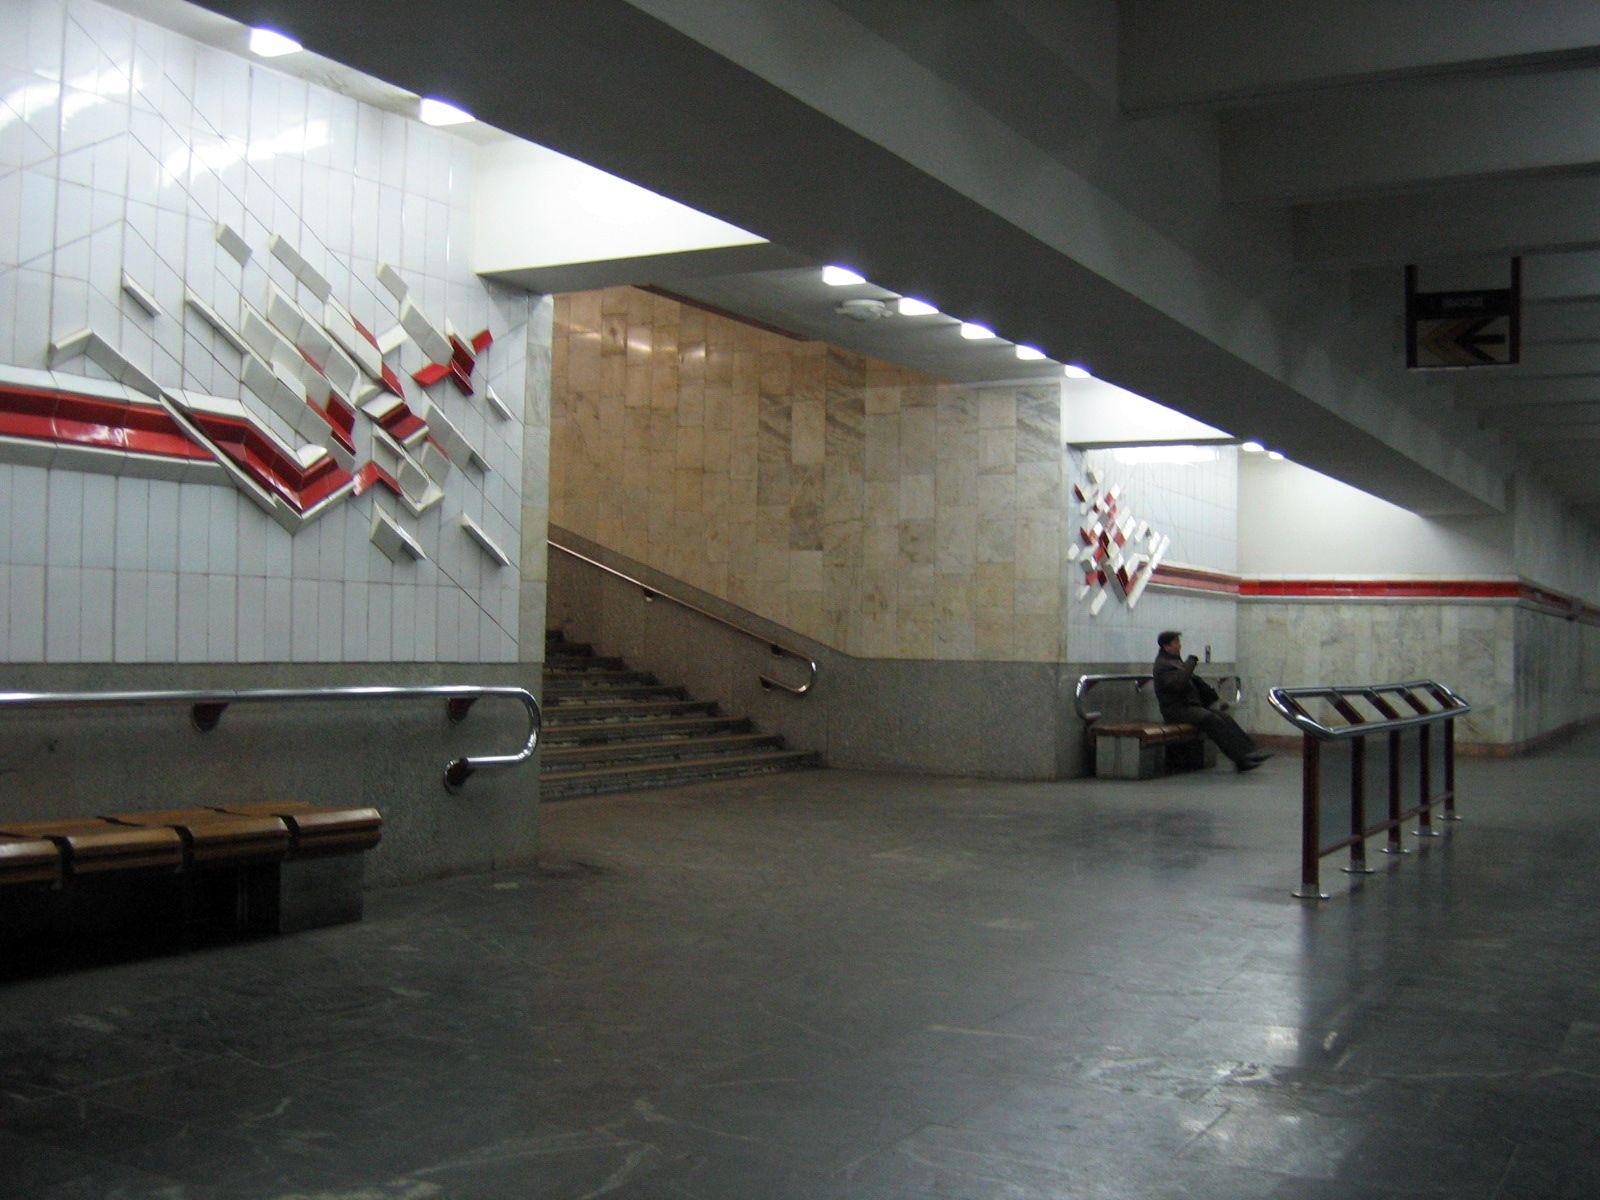 только попадает станция метро первомайская минск фото которая